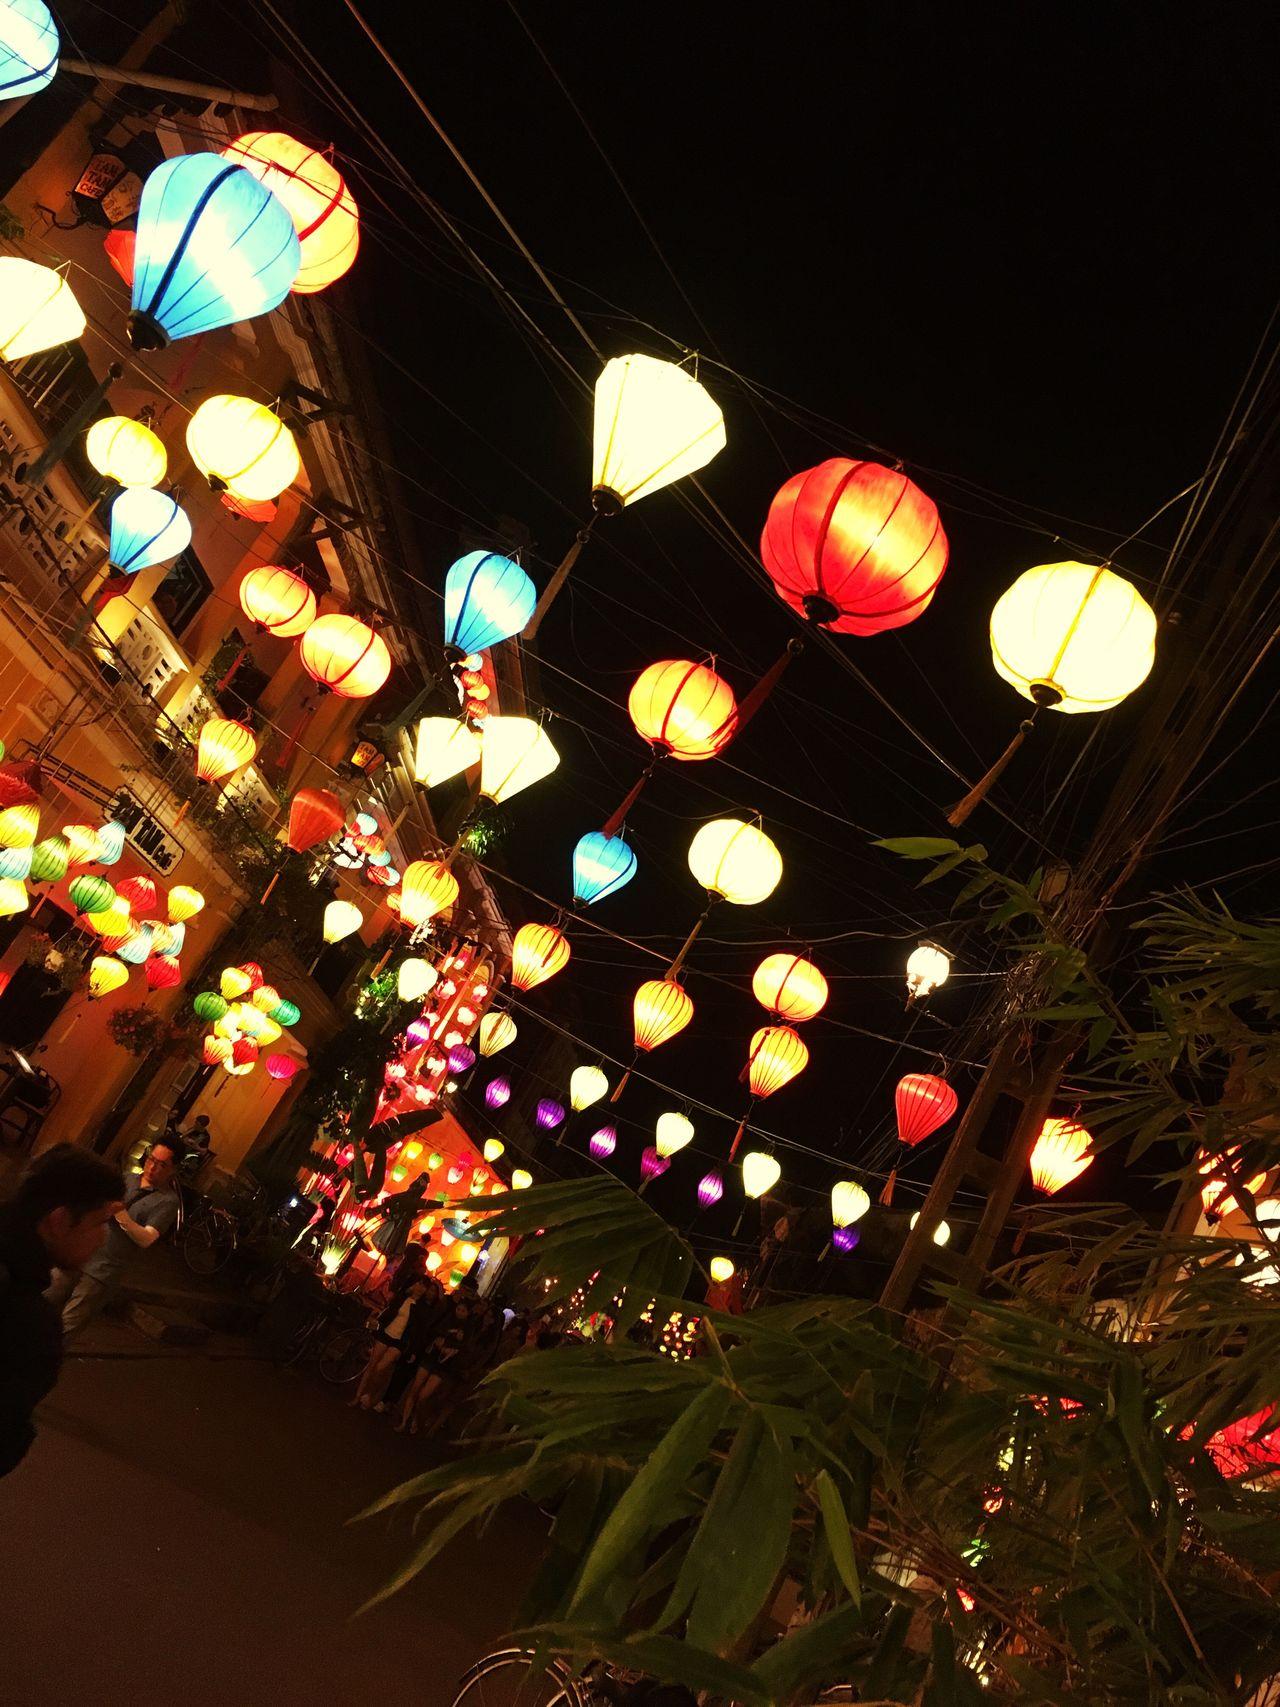 Illuminated Night Lantern Travel Vietnam Hoi An